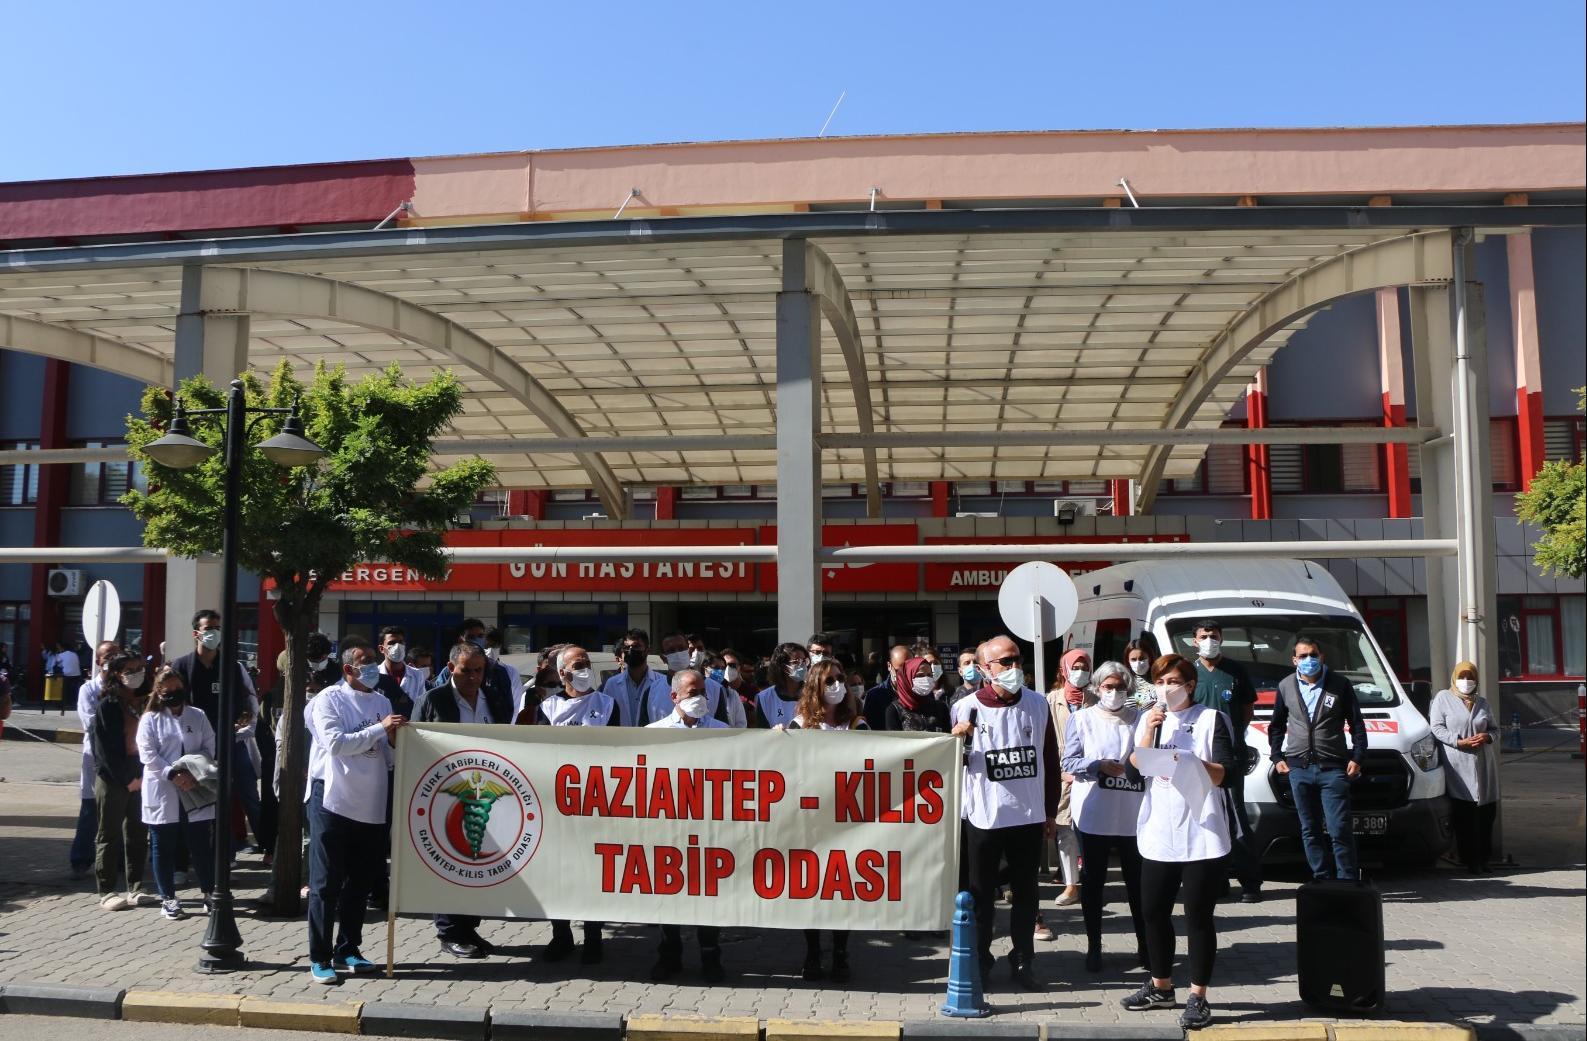 Gaziantep Tabip Odası: Uykusuz hekim, tükenmiş hekim sağlığa zararlıdır!